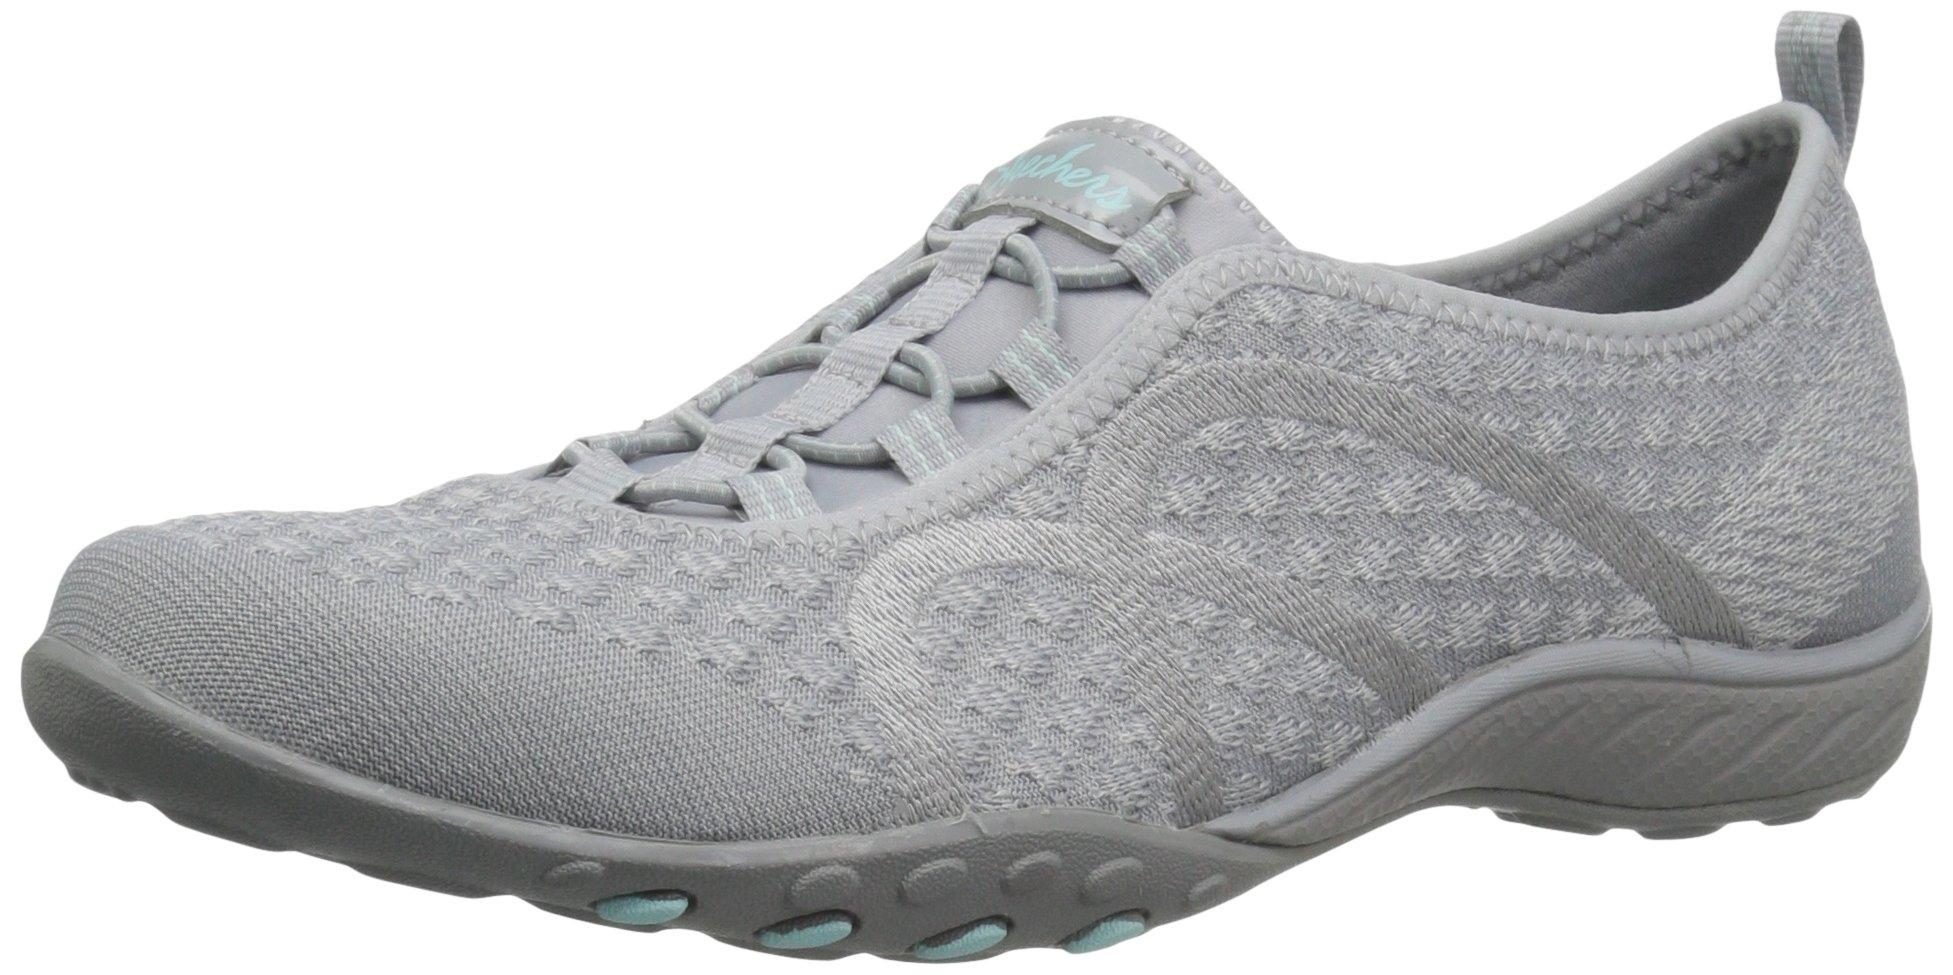 Skechers Sport Women's Breathe Easy Fortune Fashion Sneaker,Grey Knit,5.5 M US by Skechers (Image #1)